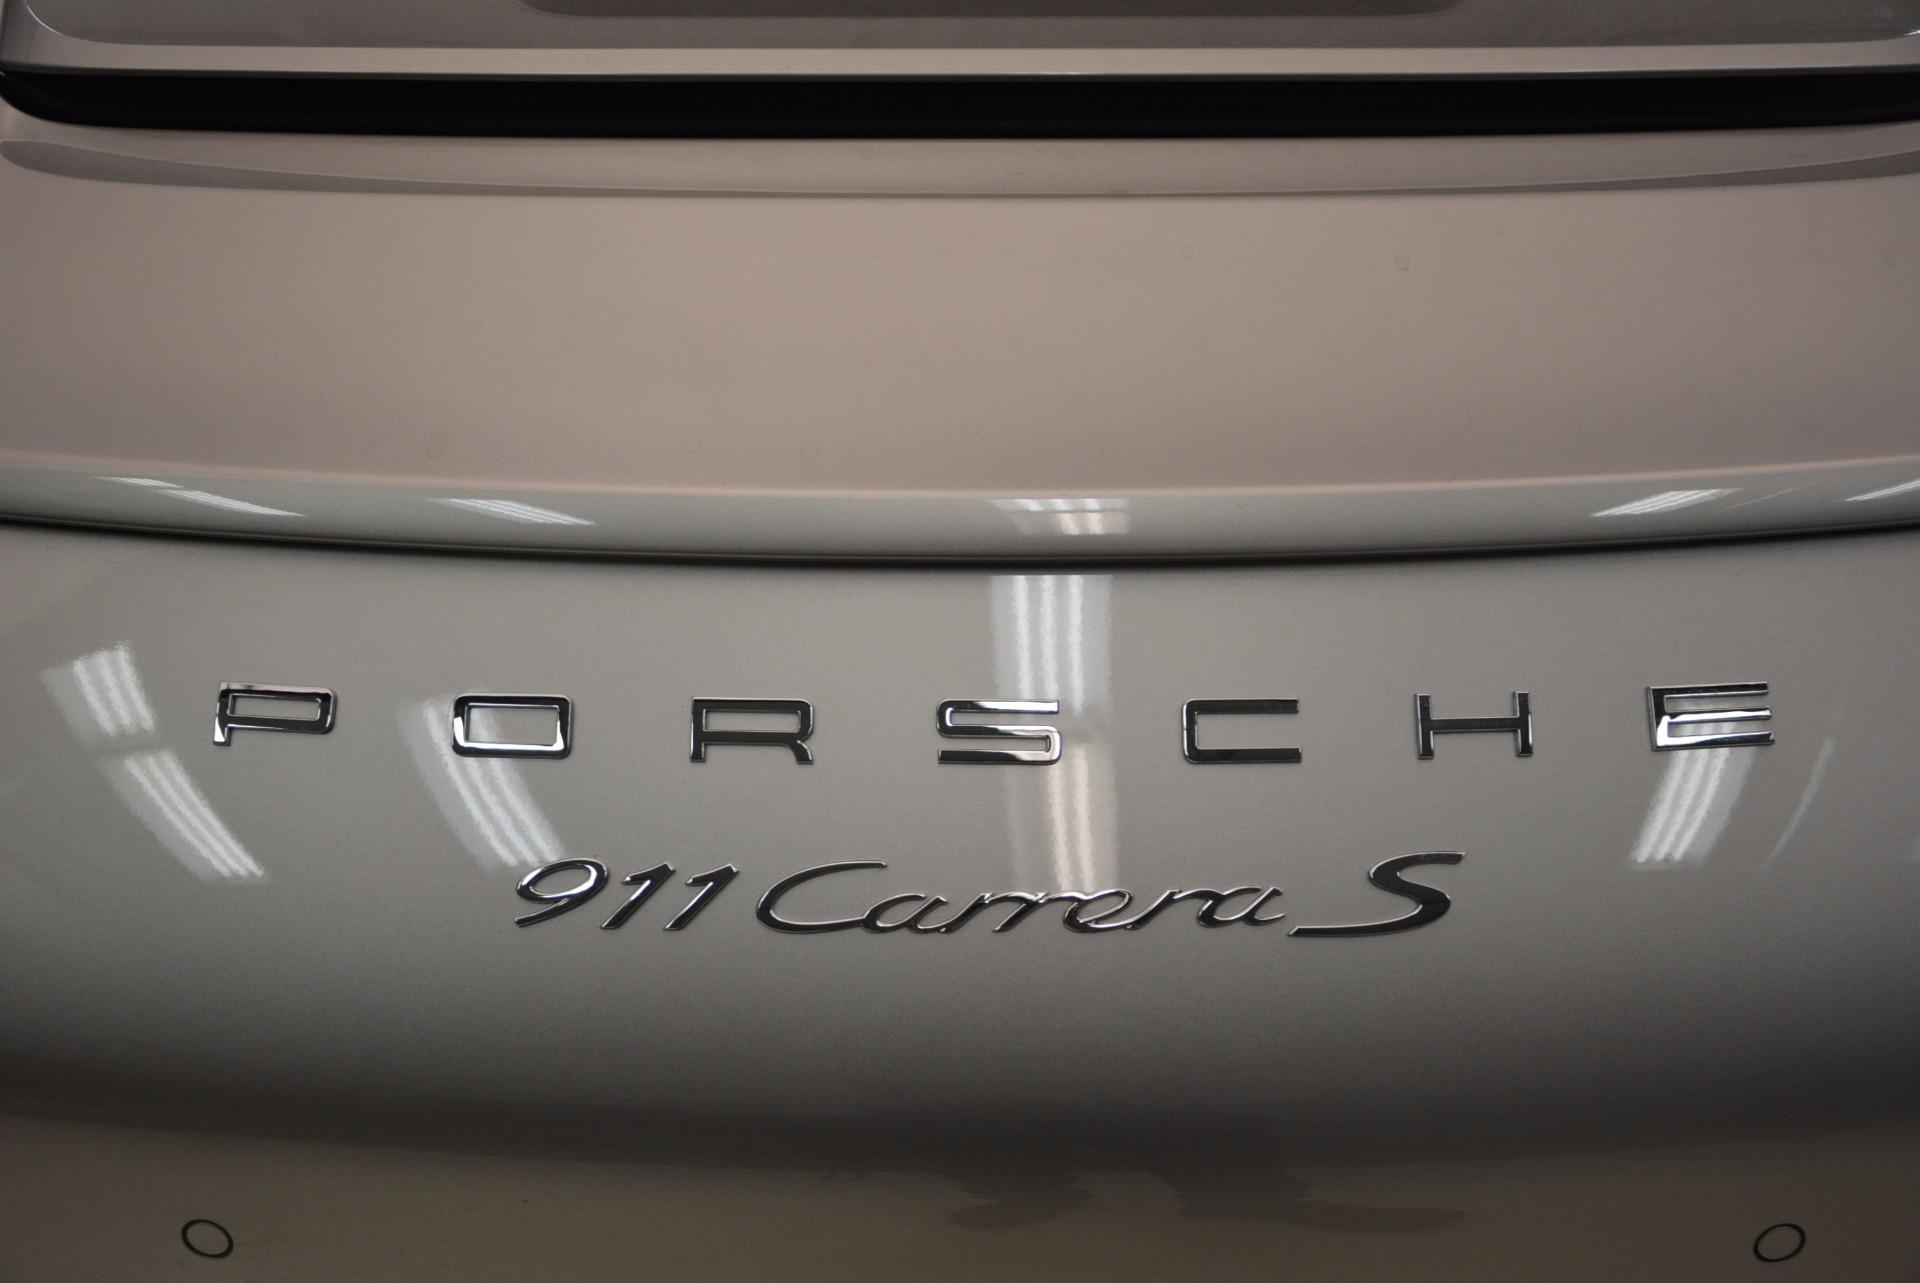 Used 2012 Porsche 911 Carrera S For Sale In Greenwich, CT 1790_p34